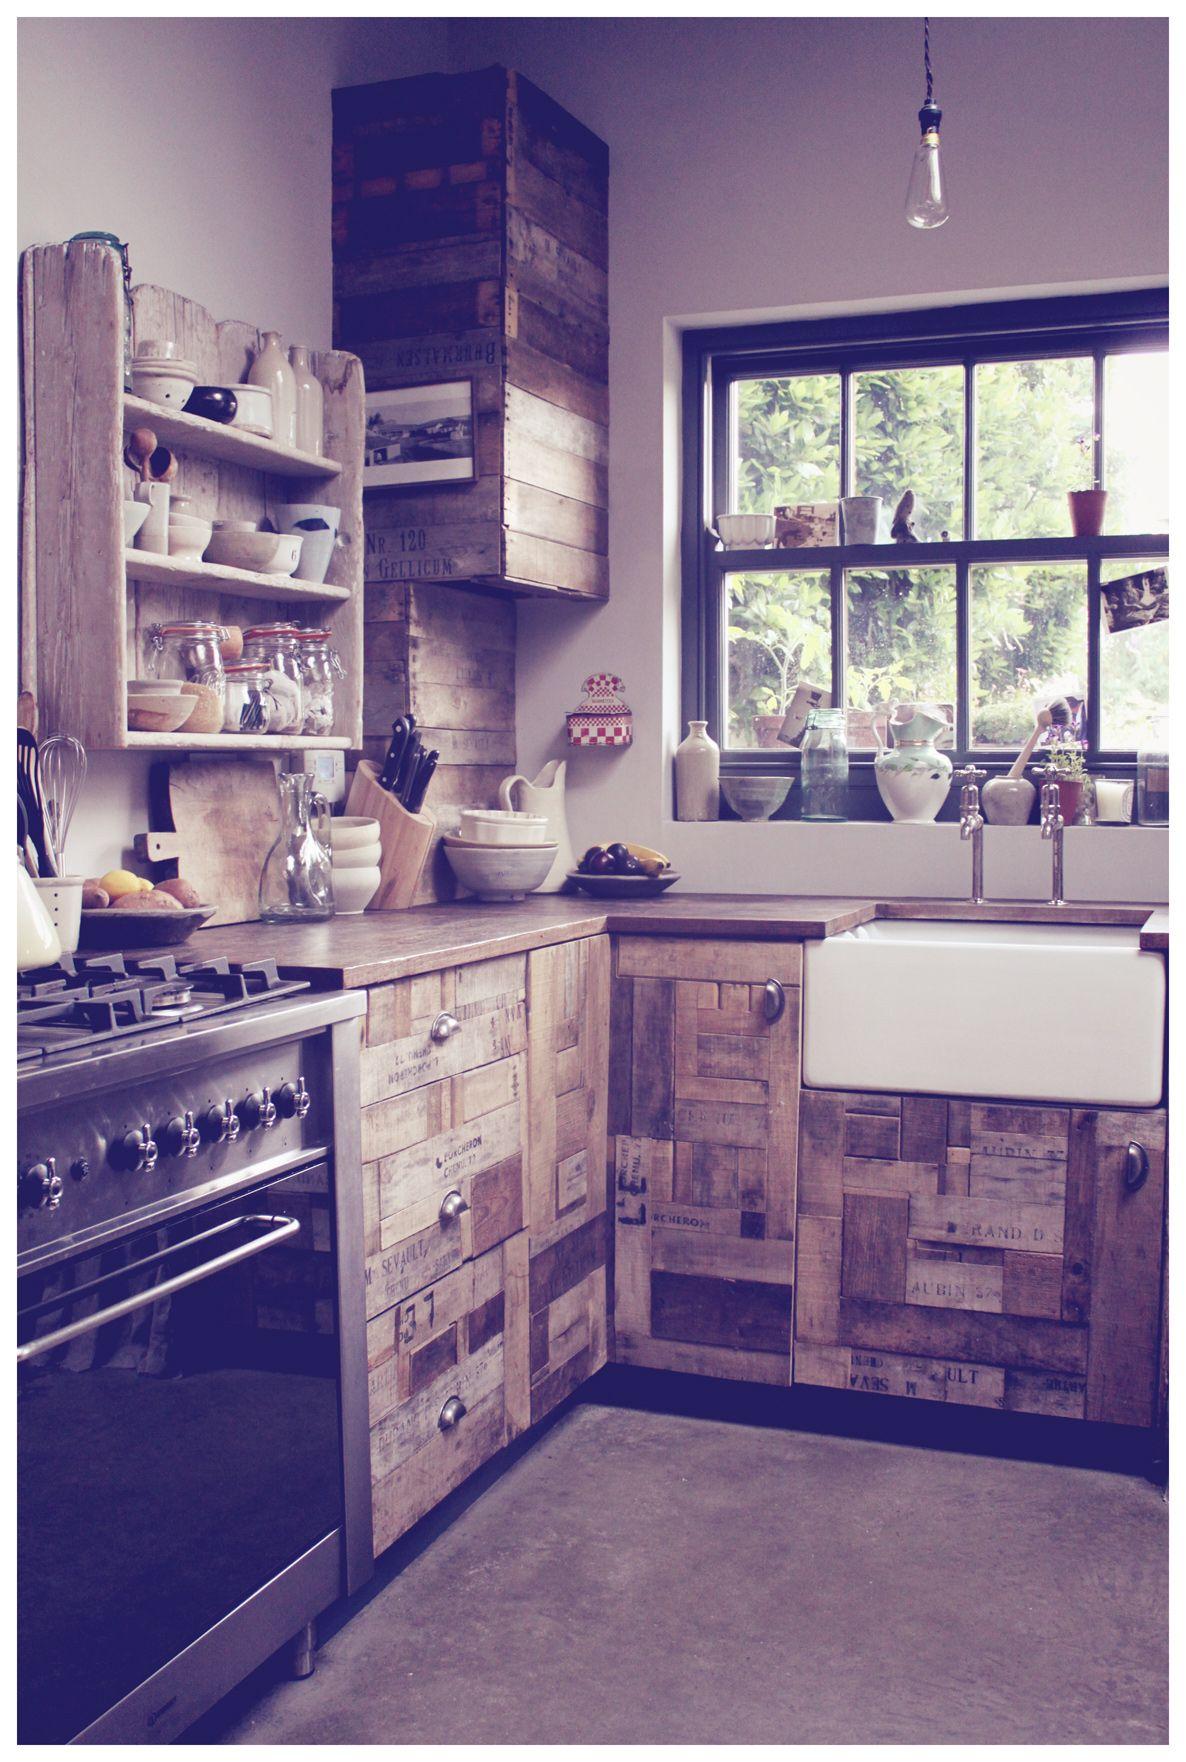 hambro miller kitchen kitchen accessories decor retro kitchen decor retro kitchen on kitchen interior accessories id=73298